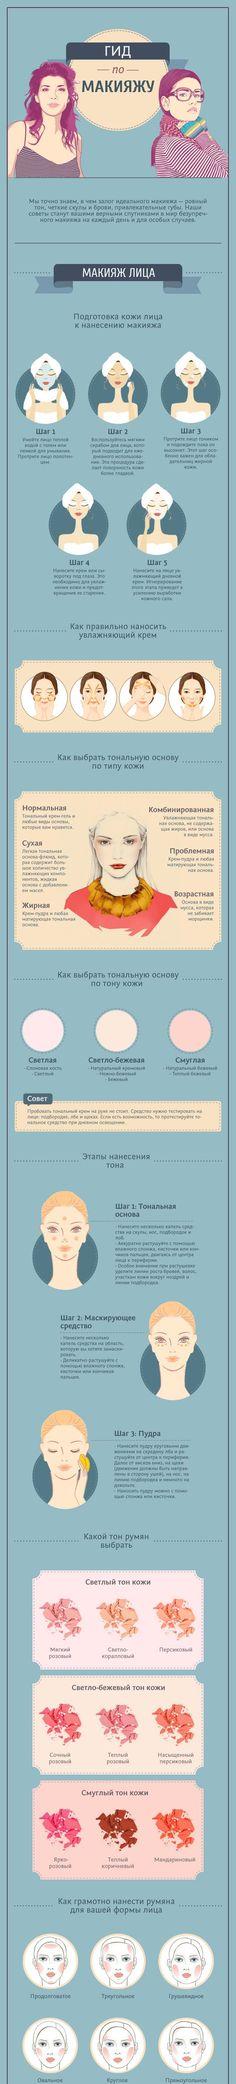 Лучший бизнес для женщин: Самая простая схема для создания макияжа. Сохраните себе на стену!